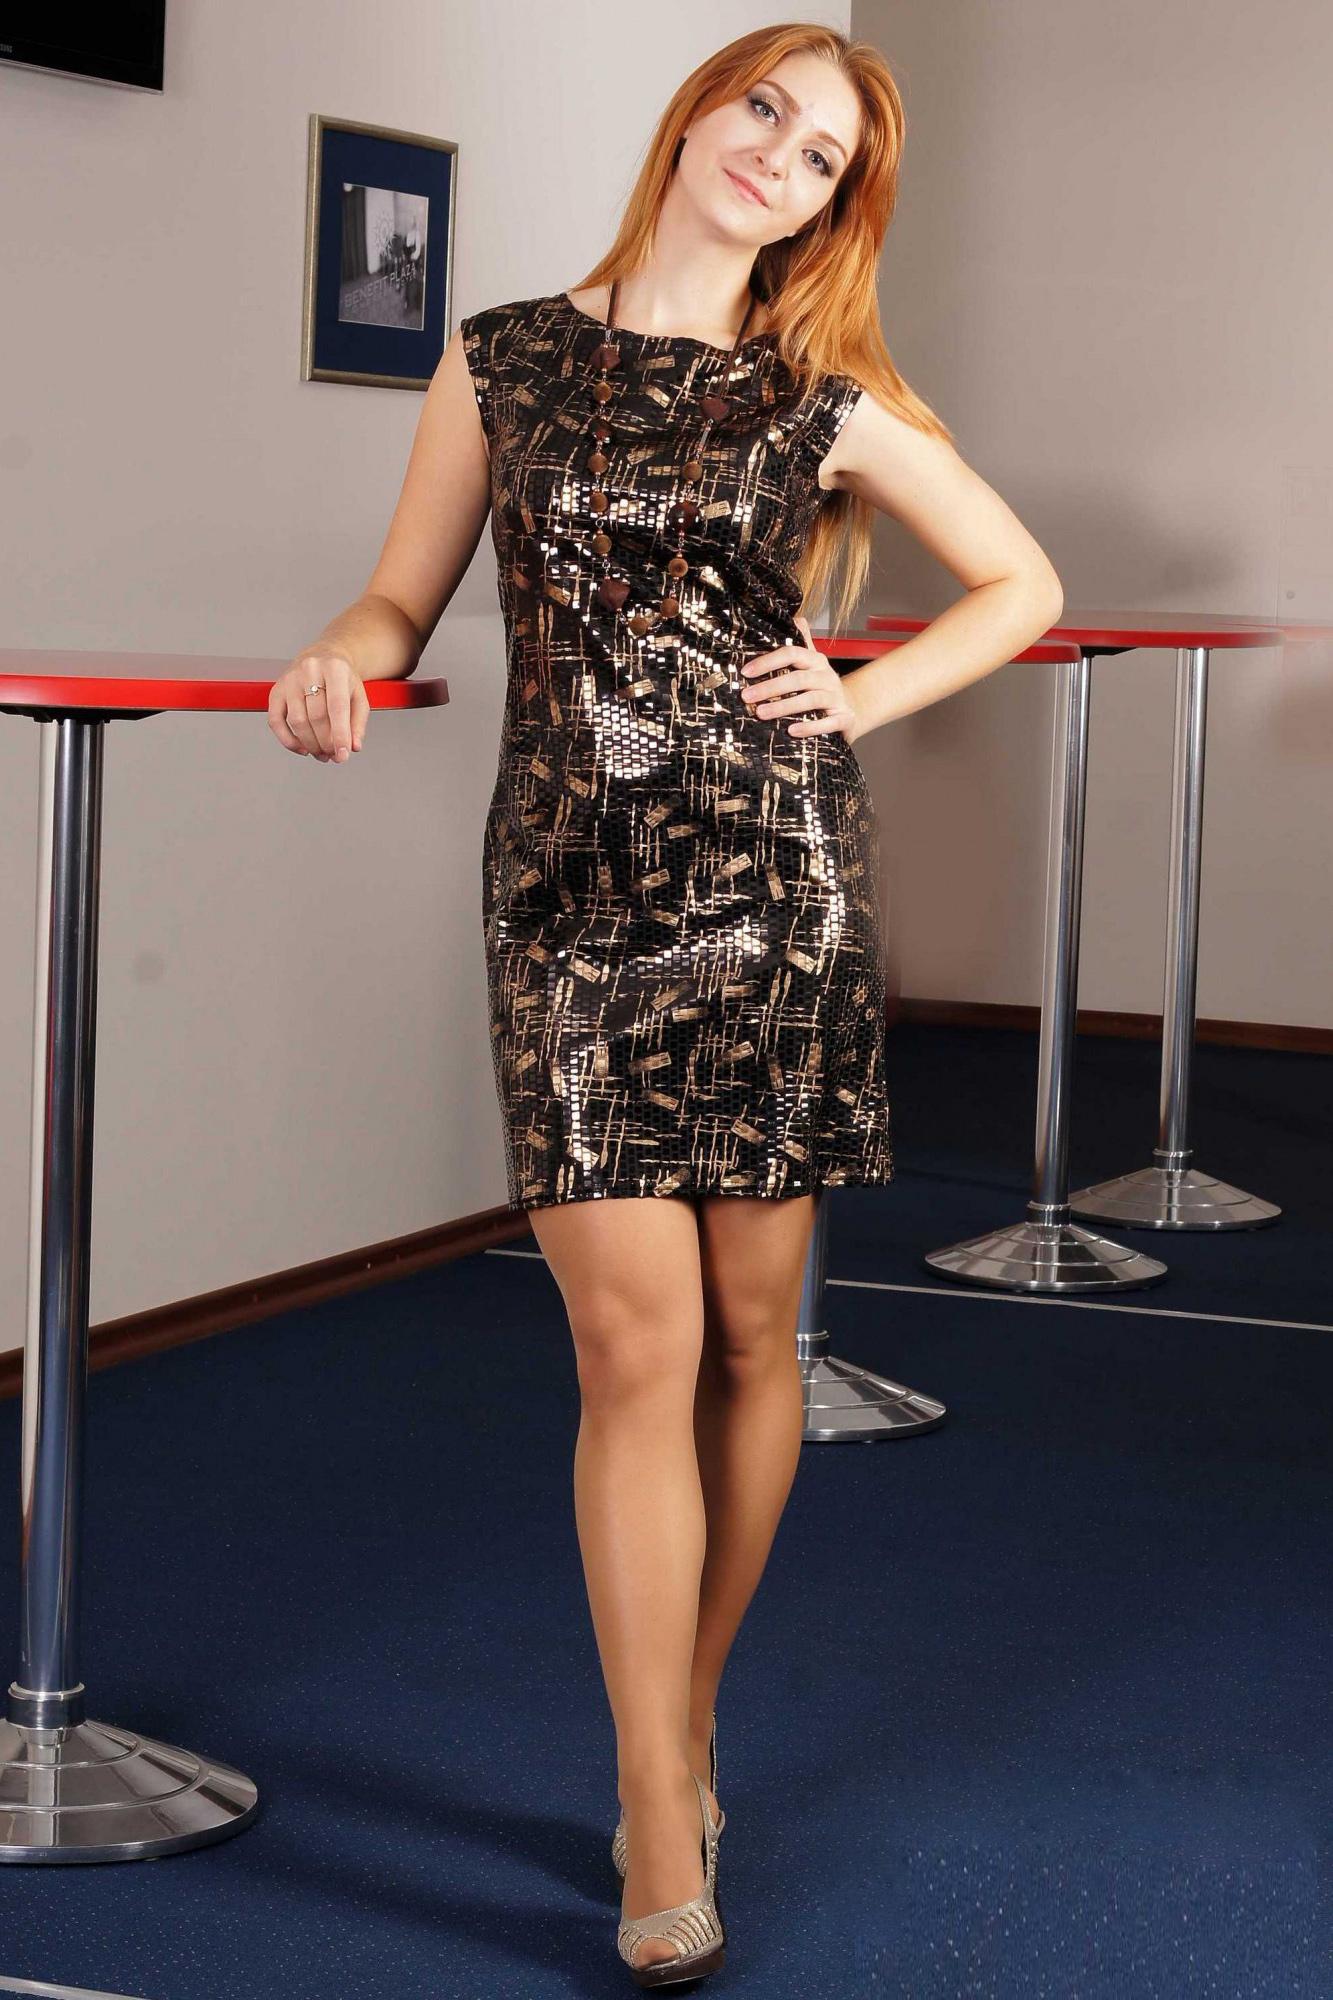 ПлатьеПлатья<br>Это стильное и эффектное платье наверняка станет любимым нарядом для молодых и юных модниц. Его яркая расцветка будет всегда привлекать всеобщее внимание к обладательнице такого платья. А облегающий крой этой модели и ее короткая длина подчеркнет все достоинства женской фигуры, а также стройность и изящность силуэта. Сочетая это платье с крупной бижутерией и обувью на высоком каблуке, каждая девушка будет чувствовать себя настоящей звездой на любой вечеринке или развлекательном мероприятии.  Укороченное платье без рукавов прилегающего силуэта. Платье из фактурного трикотажа, имитирующего покрытие пайетками. Перед с нагрудной вытачкой из бокового шва. Спинка со средним швом. Горловина округлая, расширенная и углубленная. Бижутерия в комплект не входит.  Цвет: черный, коричневый, золотой.<br><br>Горловина: С- горловина<br>По длине: До колена<br>По материалу: Трикотаж<br>По образу: Клуб,Свидание<br>По рисунку: Абстракция,С принтом,Фактурный рисунок,Цветные<br>По сезону: Весна,Зима,Лето,Осень,Всесезон<br>По силуэту: Полуприталенные,Приталенные<br>По стилю: Нарядный стиль<br>По форме: Платье - футляр<br>По элементам: С декором<br>Рукав: Без рукавов<br>Размер : 46,48,50,52<br>Материал: Трикотаж<br>Количество в наличии: 6